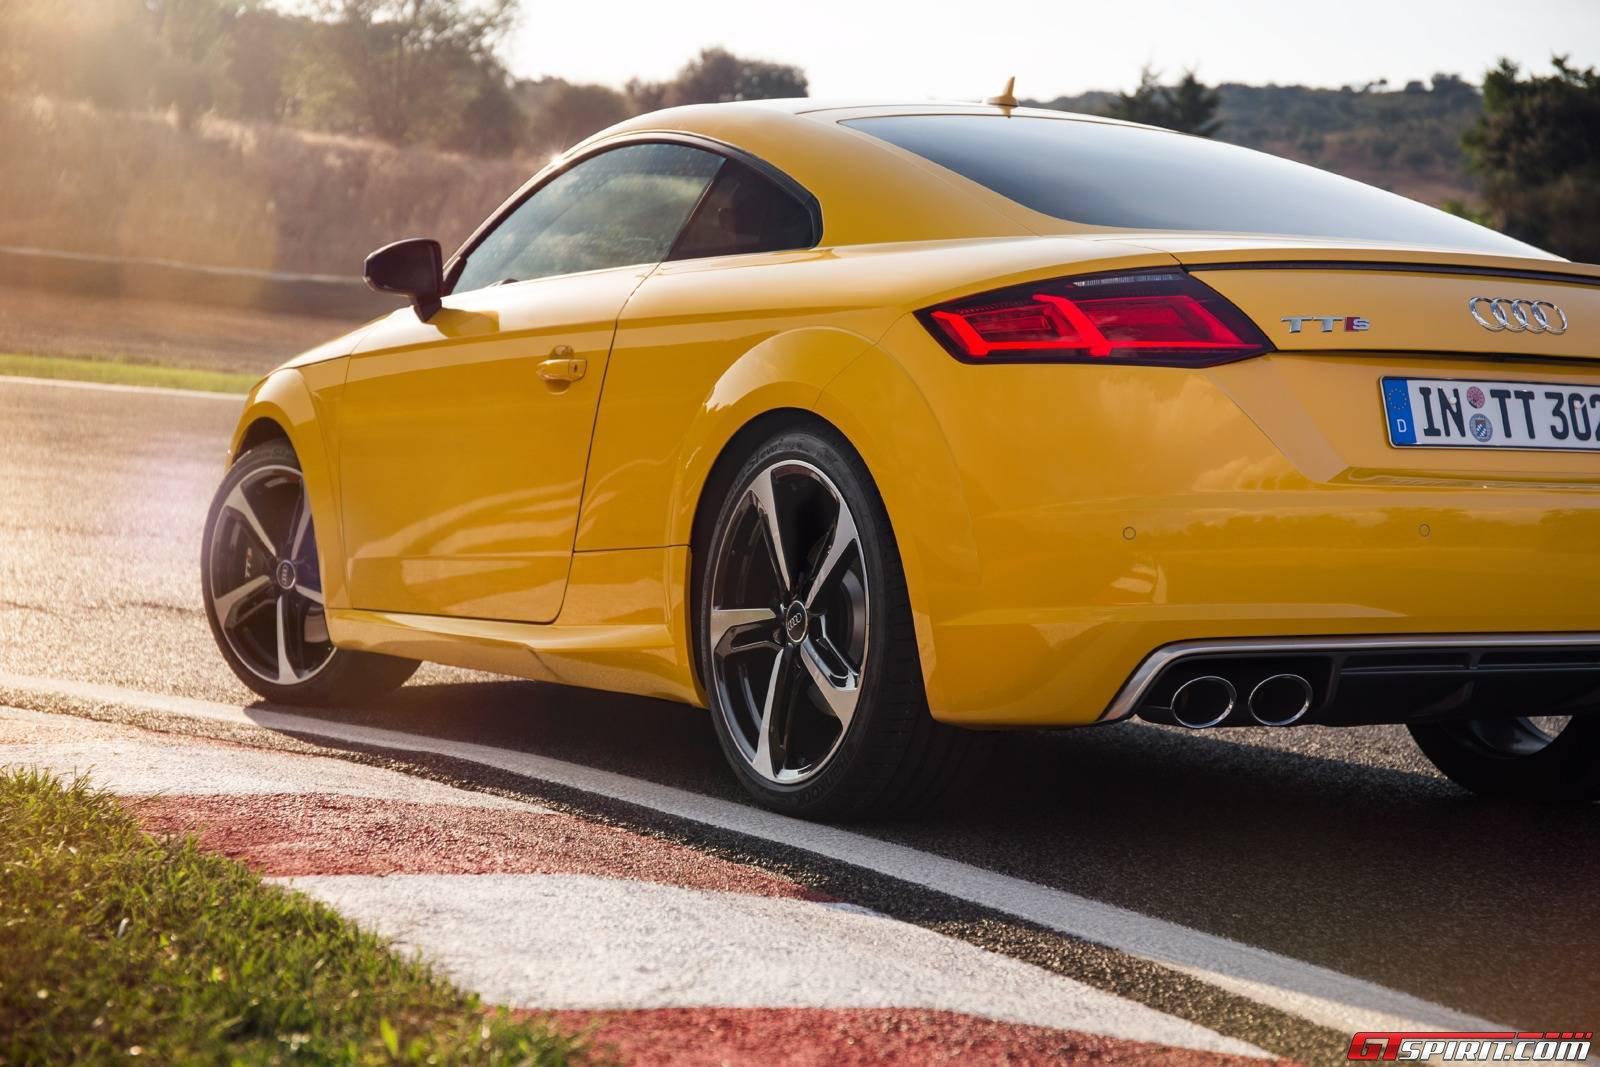 Kelebihan Kekurangan Audi Tt 2015 Murah Berkualitas